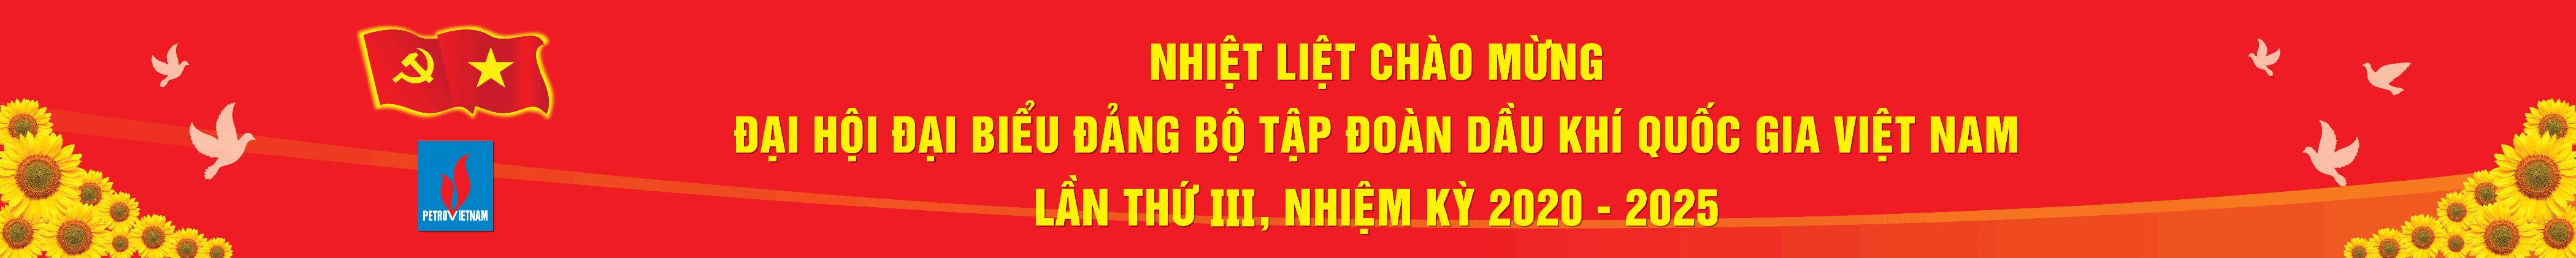 chao-mung-dai-hoi-dai-bieu-dang-bo-tap-doan-dau-khi-quoc-gia-viet-nam